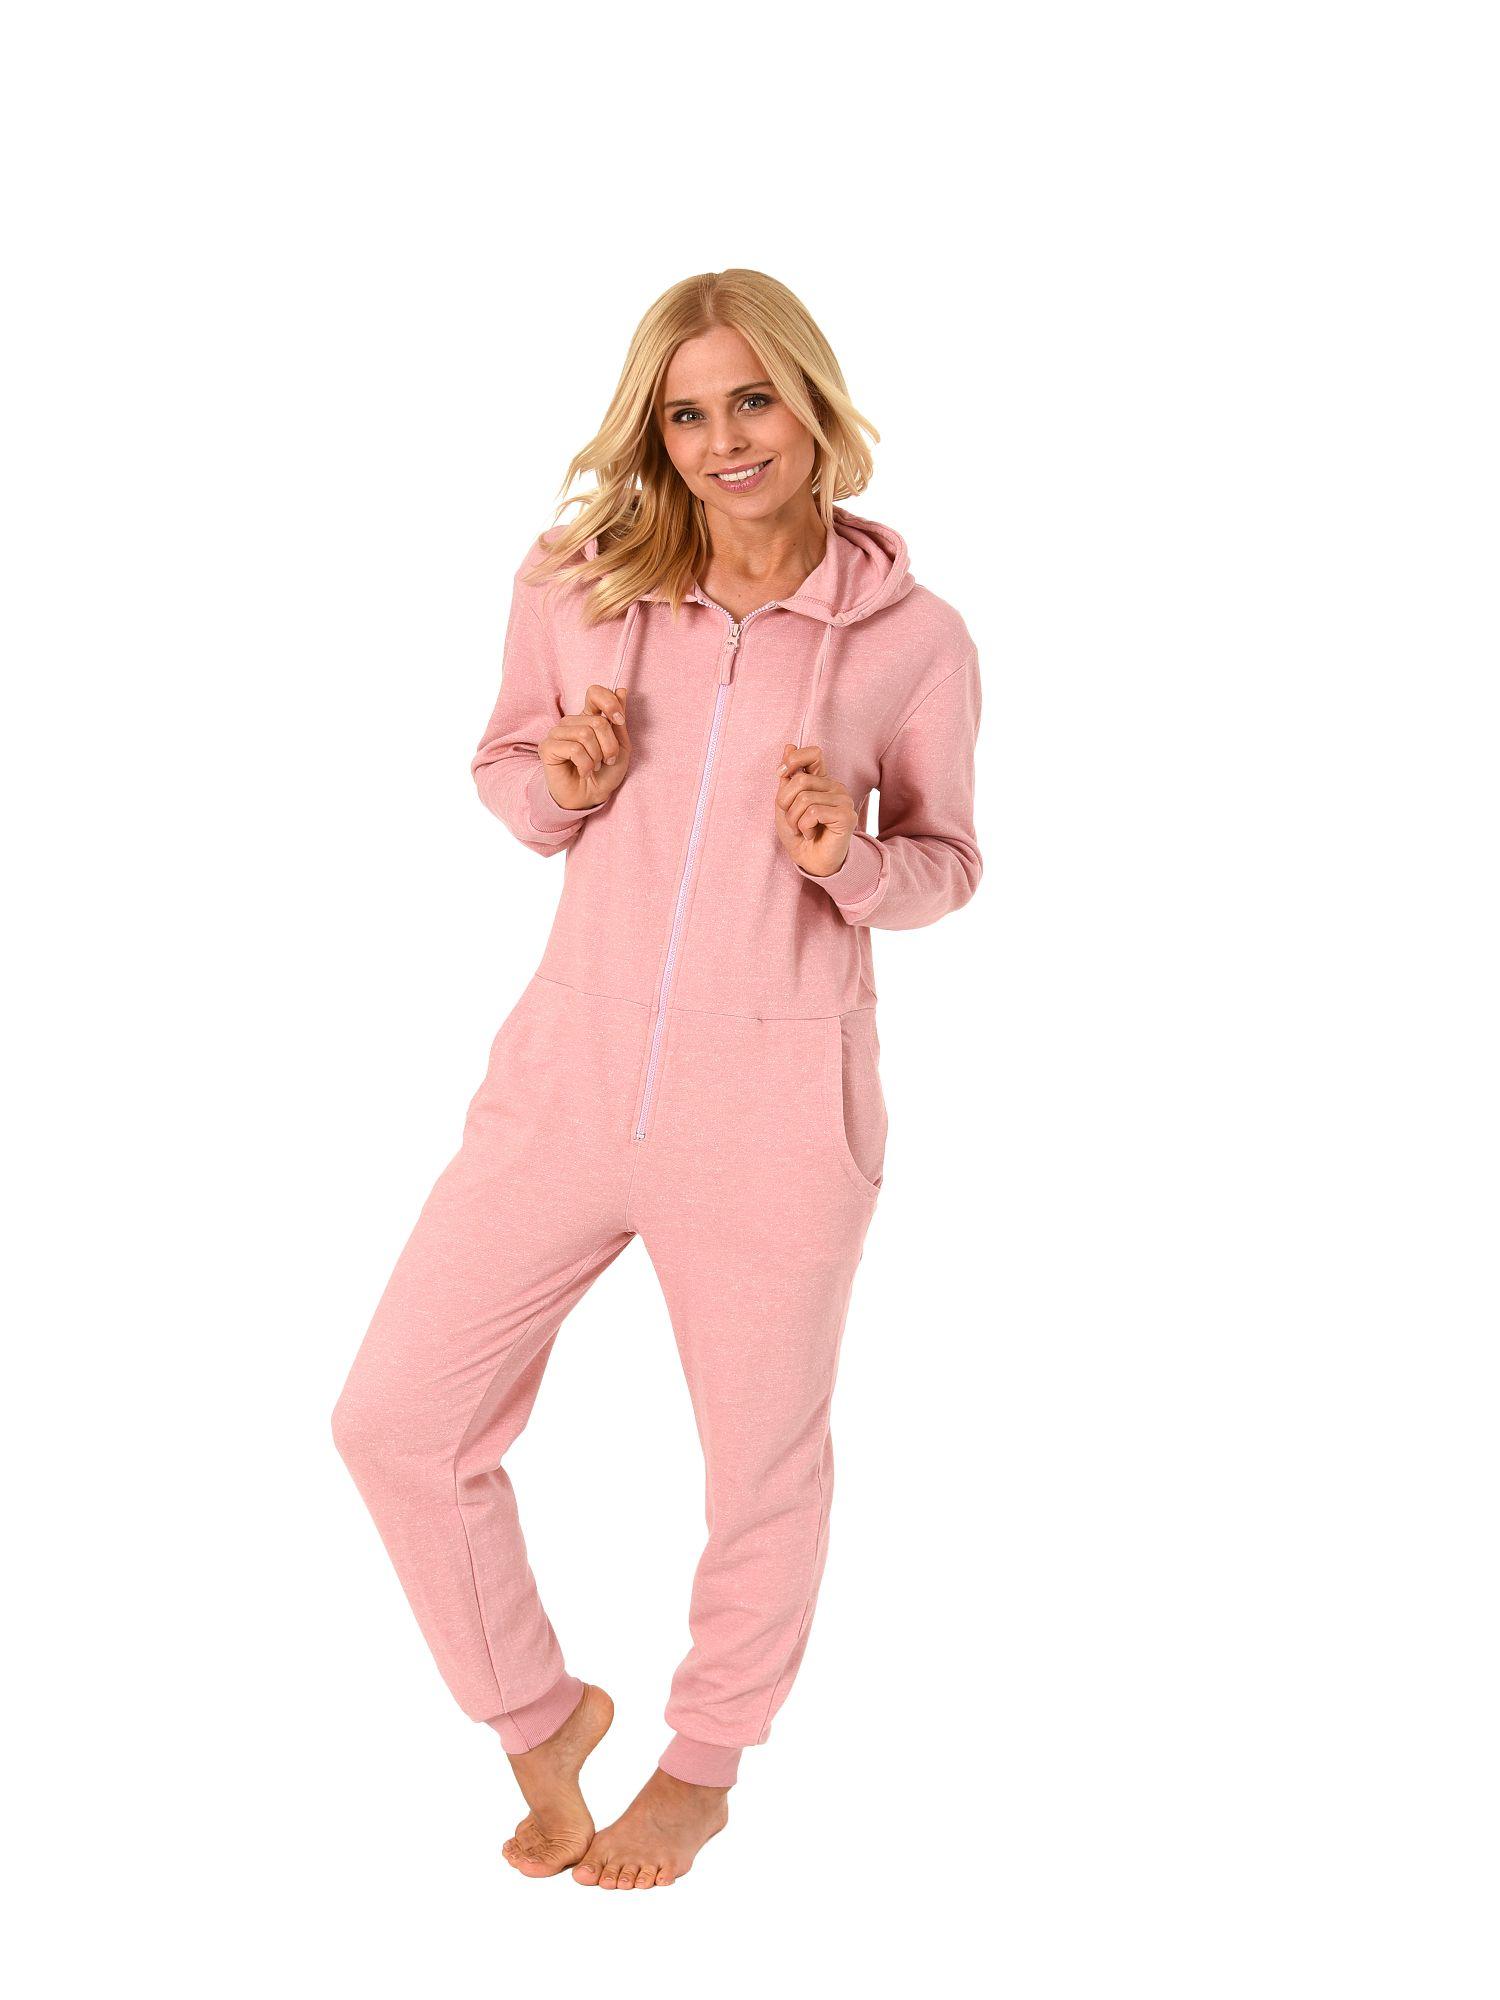 Normann Damen Schlafanzug Einteiler Jumpsuit Overall langarm  181 267 99 906 – Bild 1